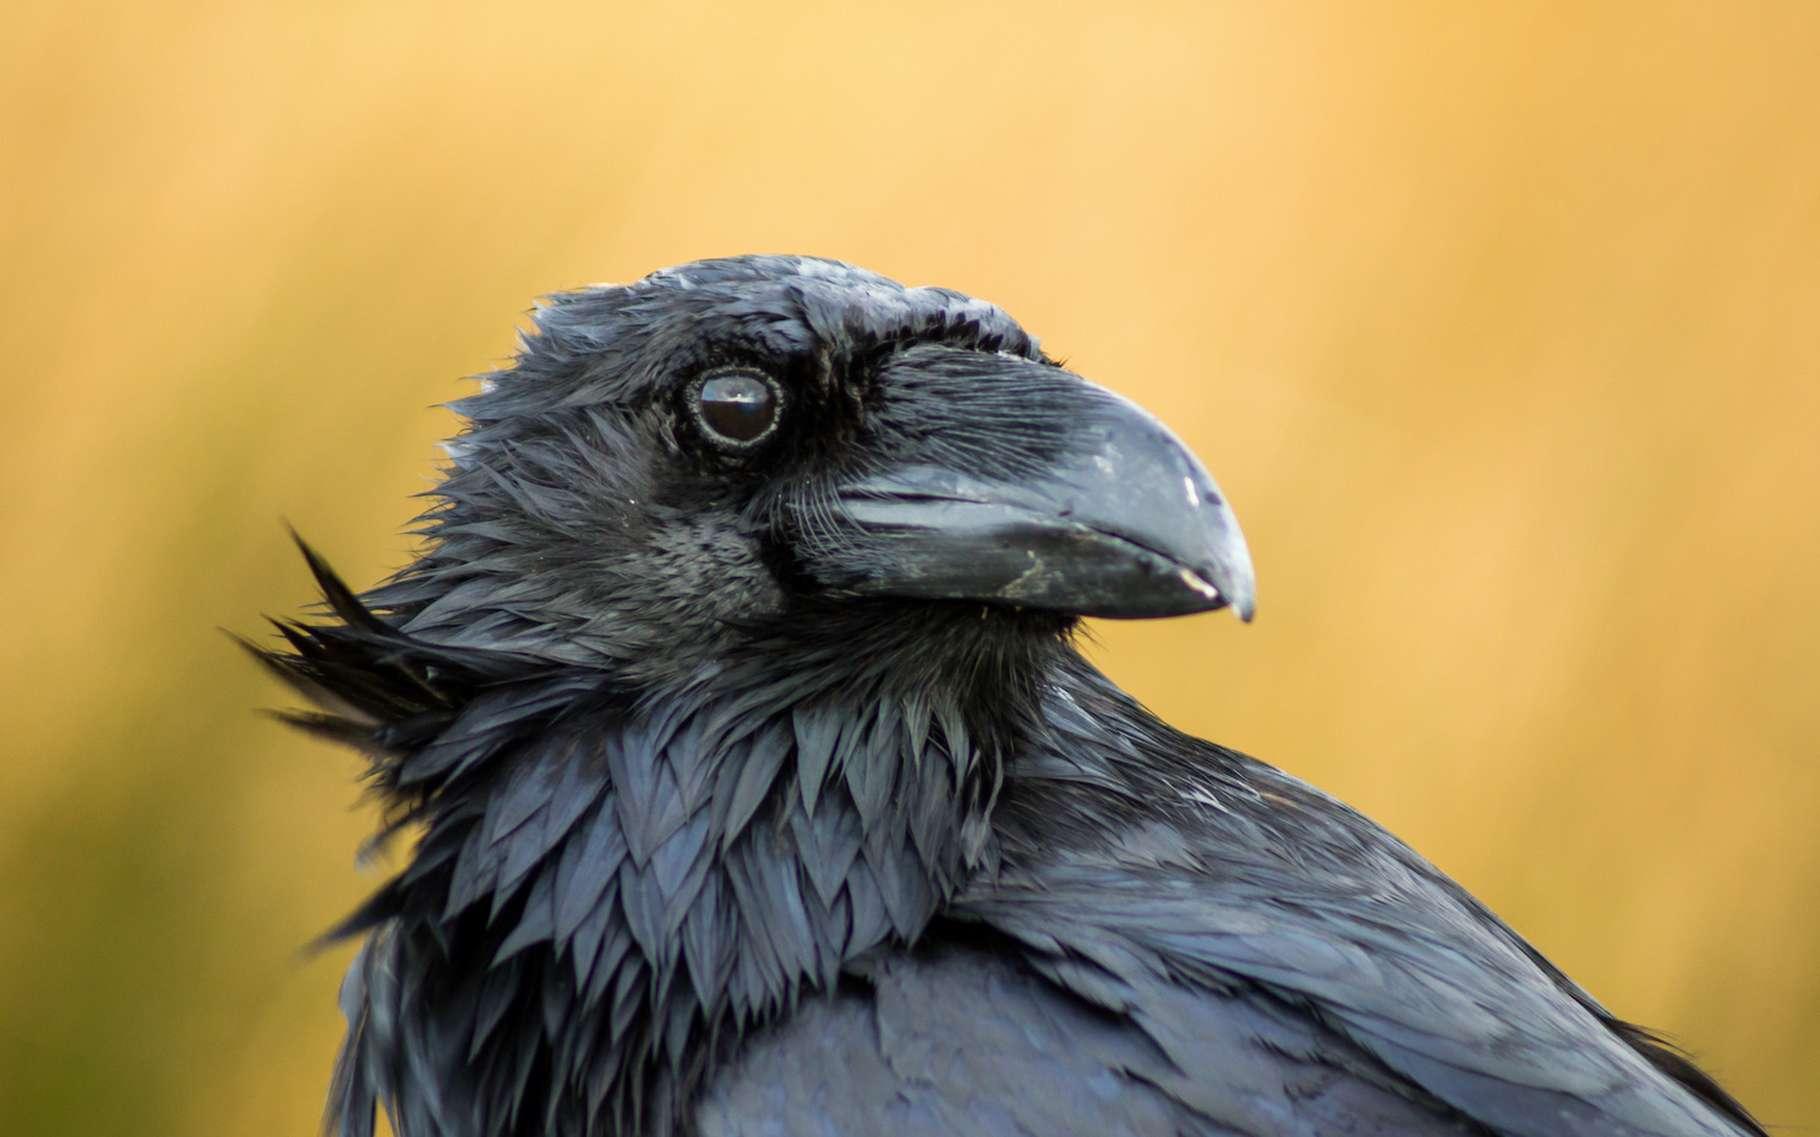 Le corbeau est souvent vu comme symbole de malheur. Mais la réalité est tout autre. Courageux, fidèle, sociable, le corbeau n'est en réalité… pas si bête. © Gabriel, Adobe Stock